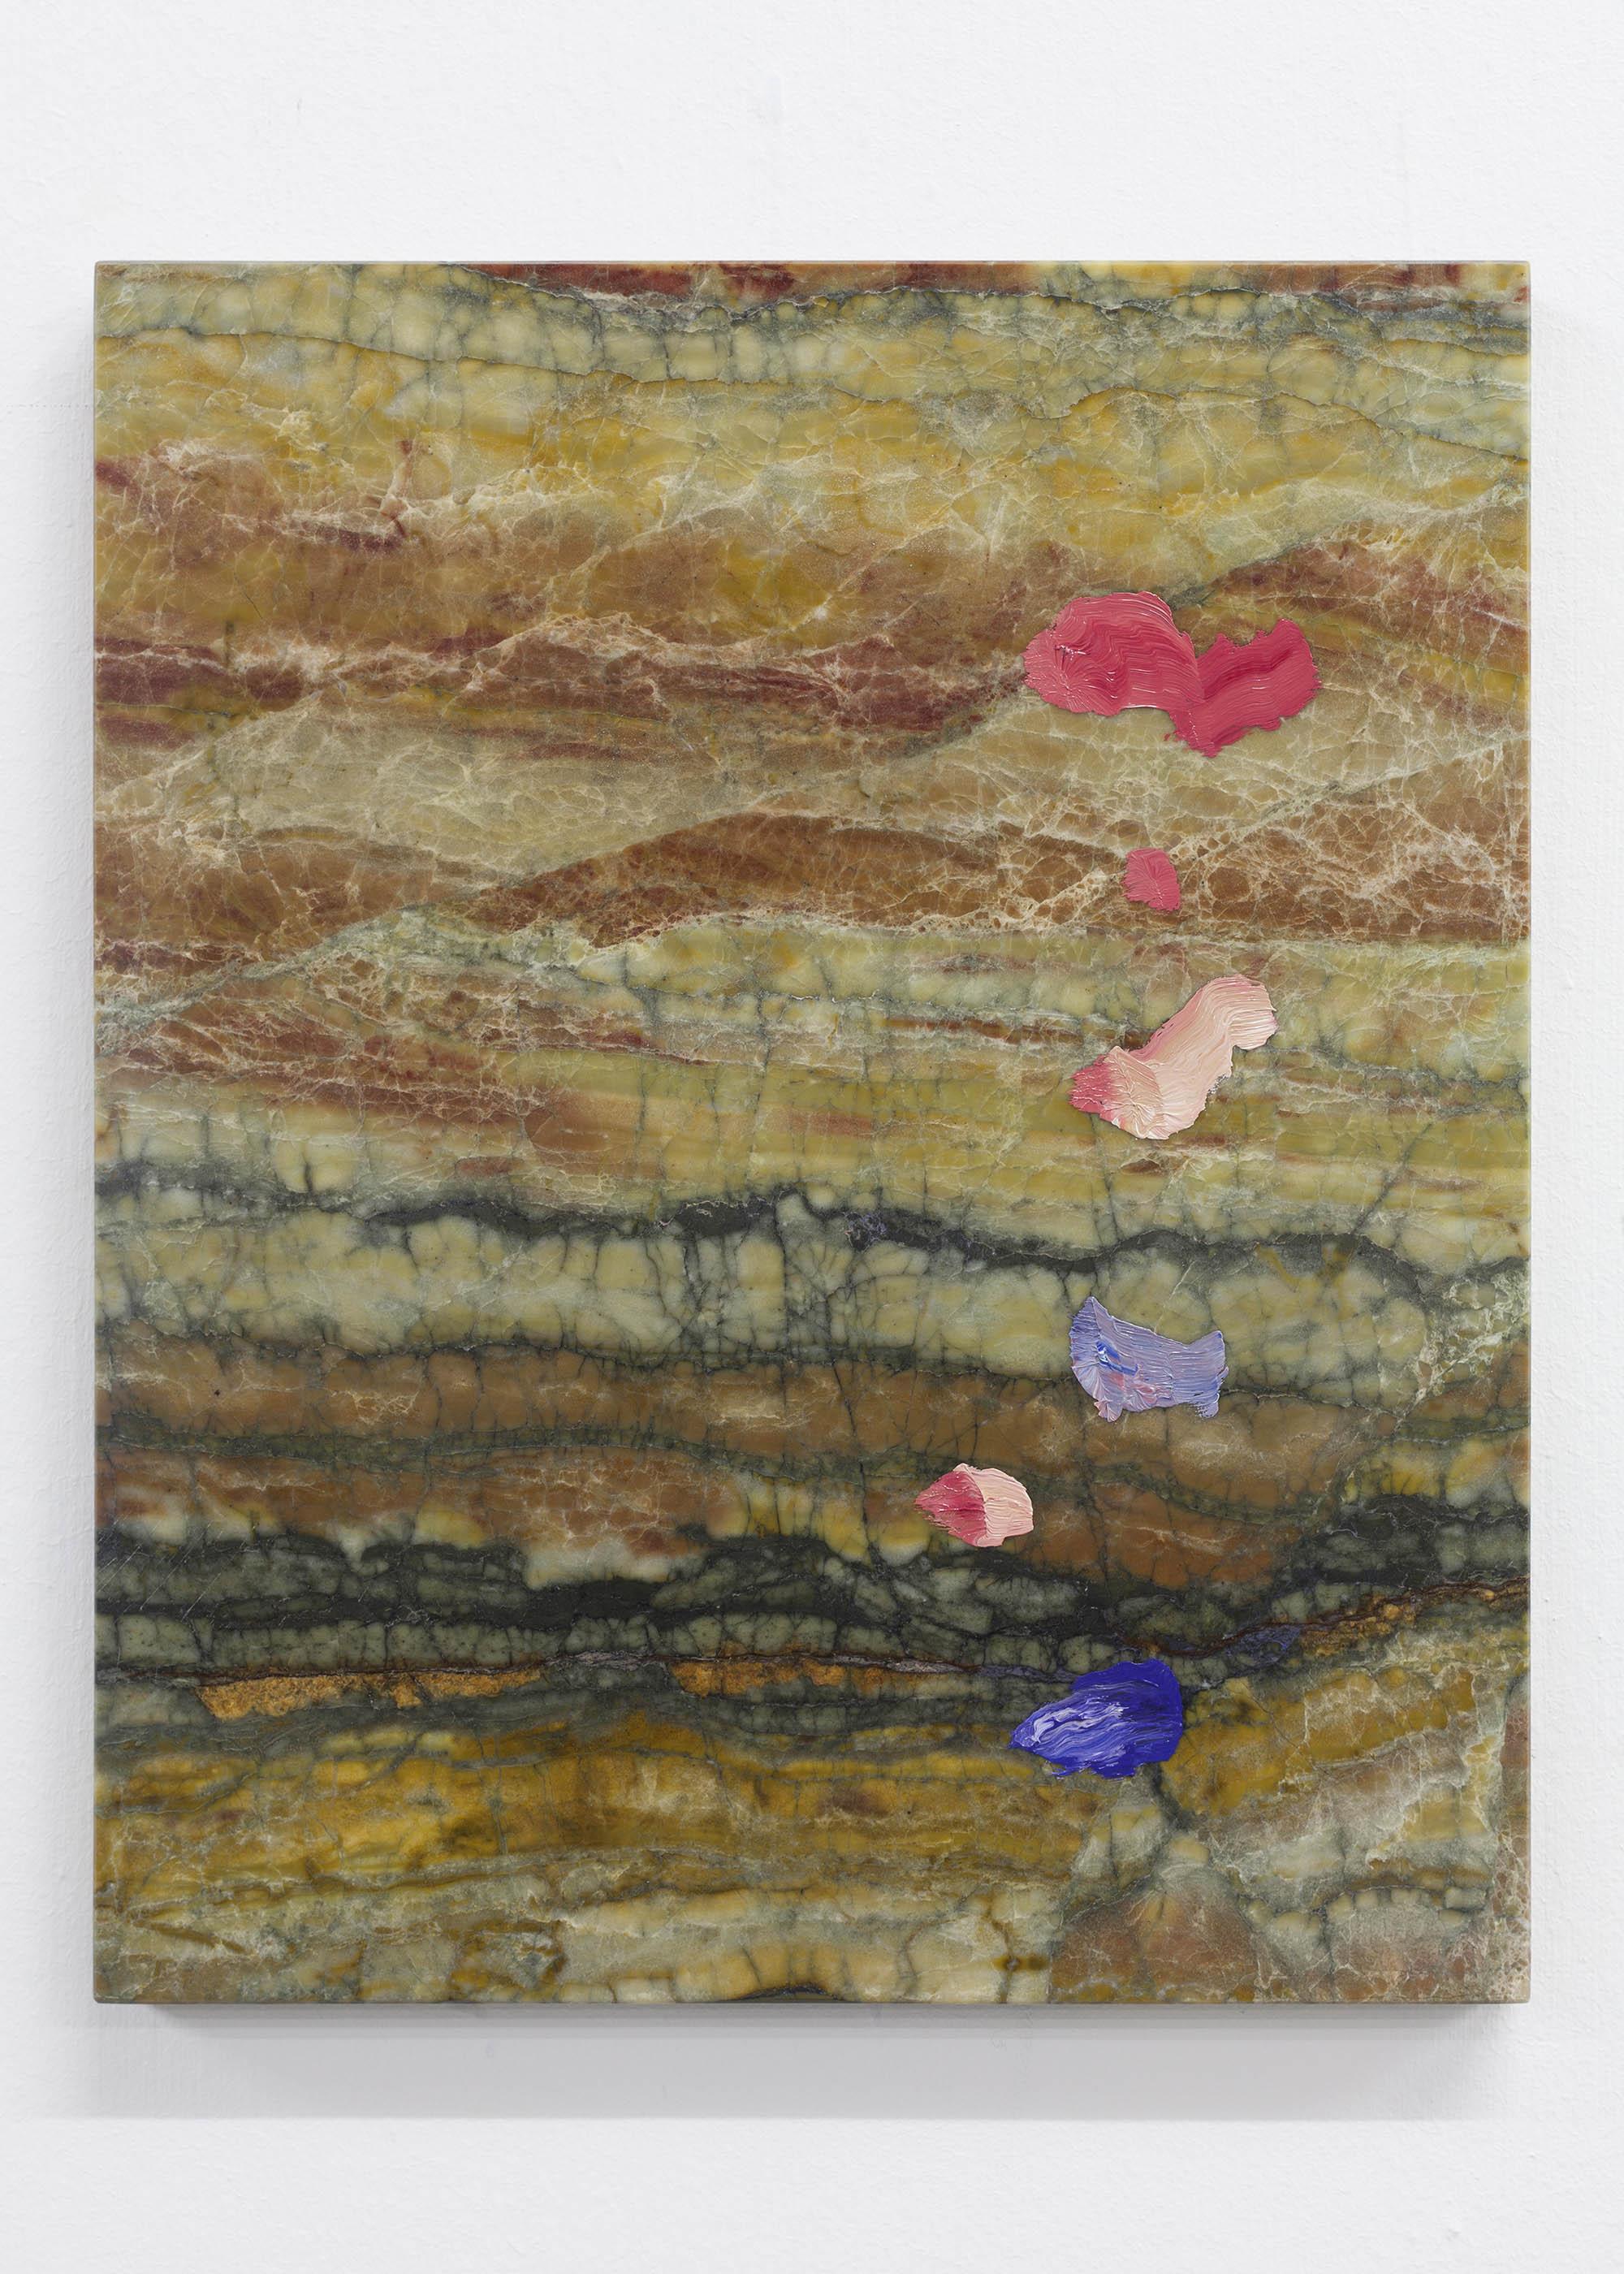 8 - Pieter Vermeersch at Carl Freedman Gallery London